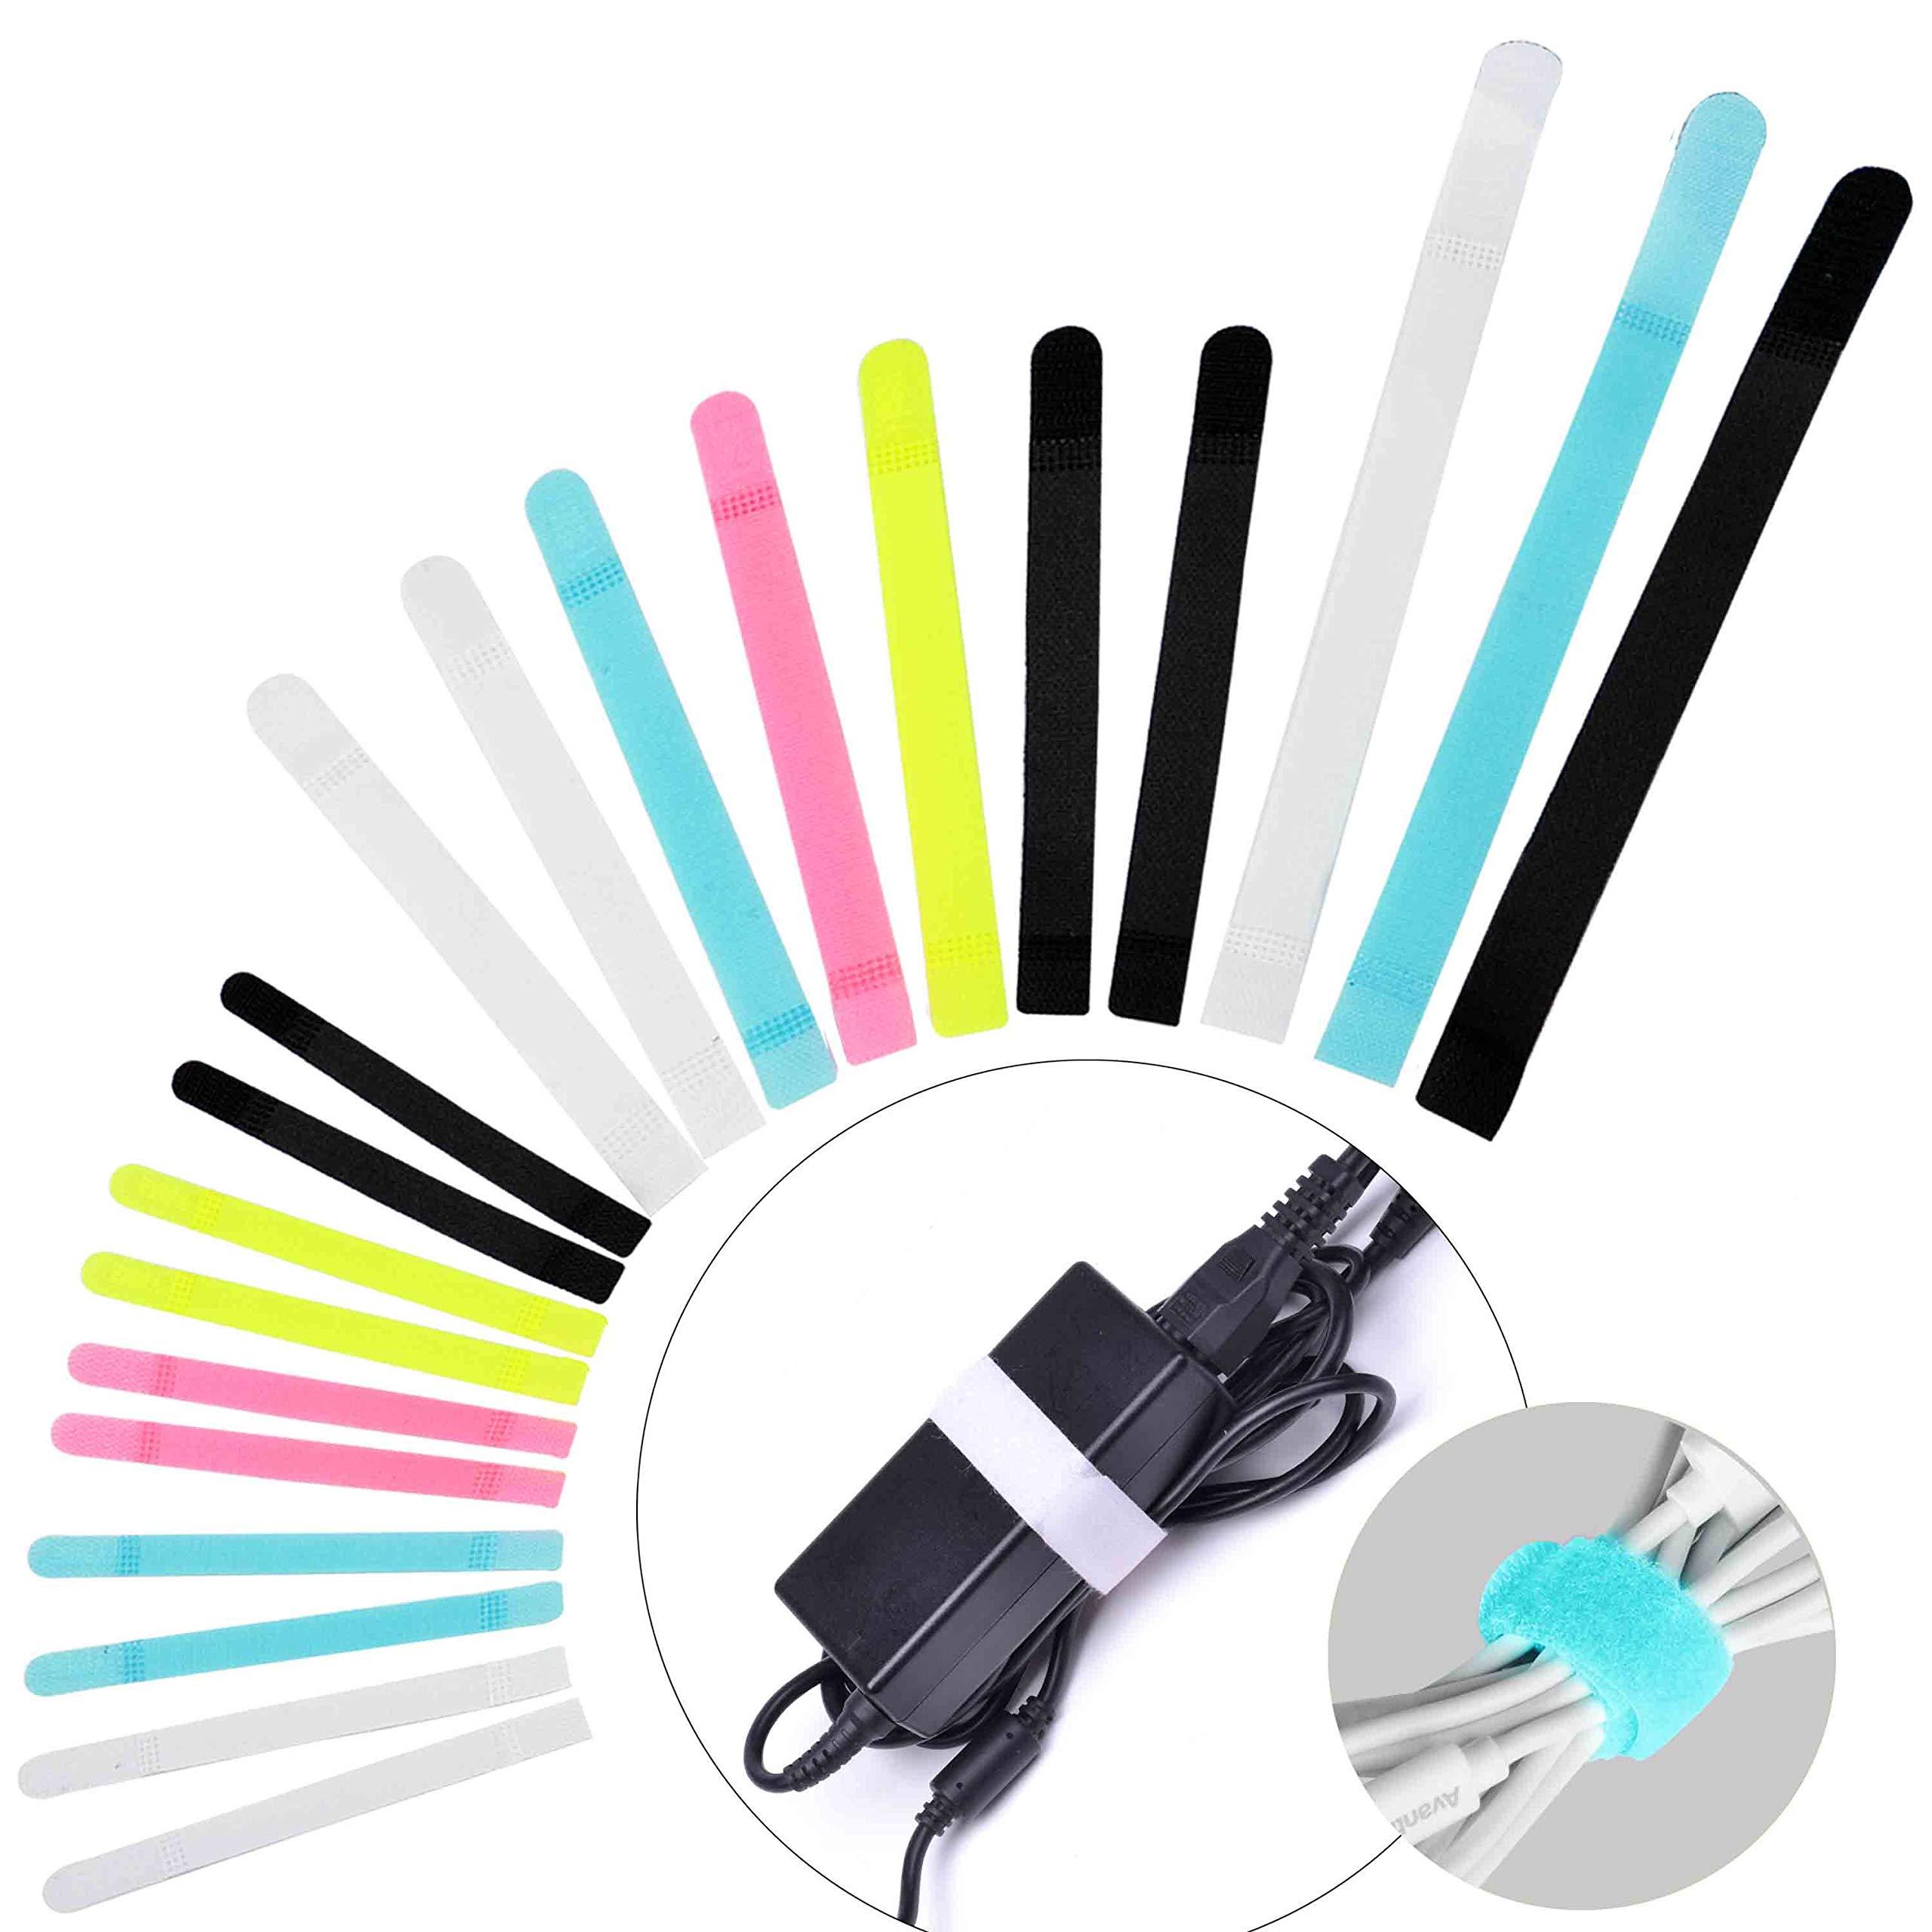 Avantree 50 Uds. Tiras Sujeta-Cables de Diseño Especial y Cierre, Tiras Reutilizables para enrollar y organizar Cables, Tres Medidas Disponibles para ...